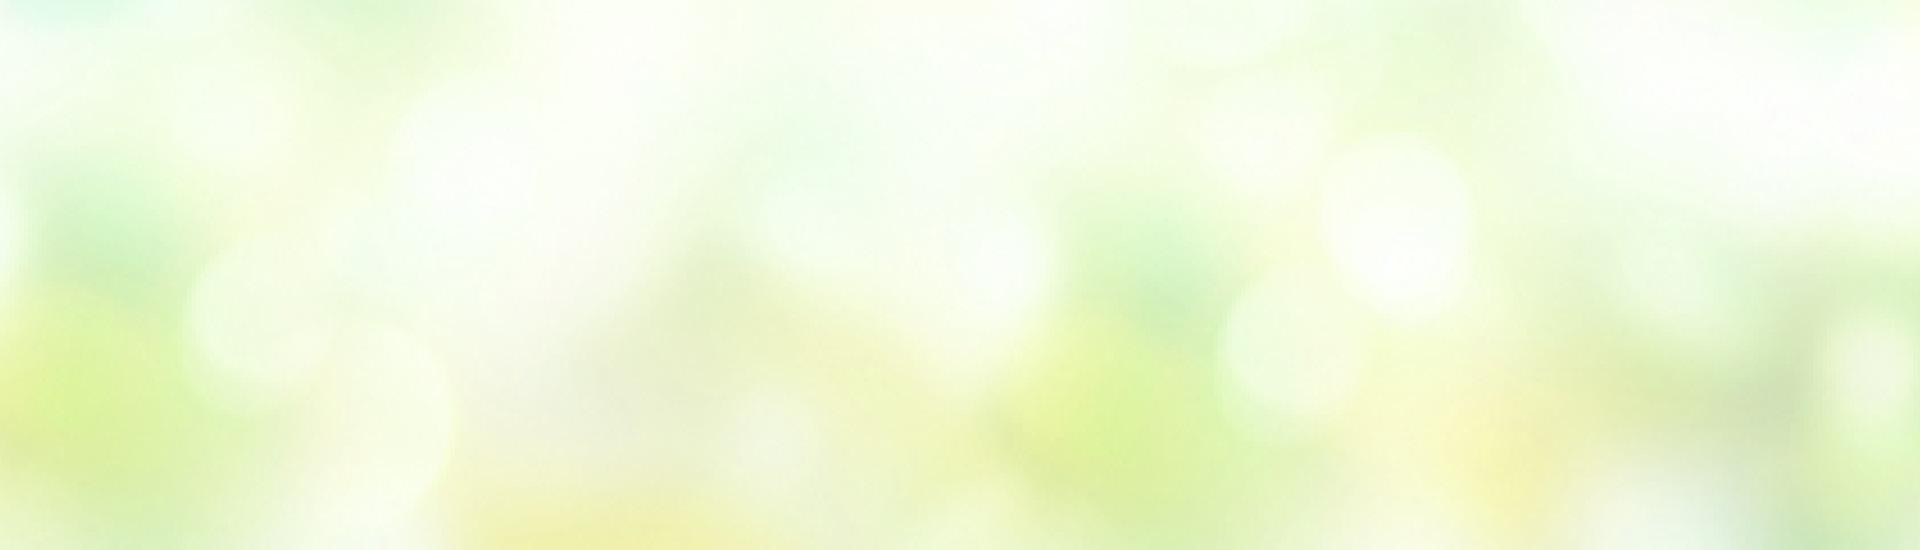 Weine für das Osternest: Top-Weine in Aktion & Weinsets mit GRATIS Magnum! 04/2019 - Slider